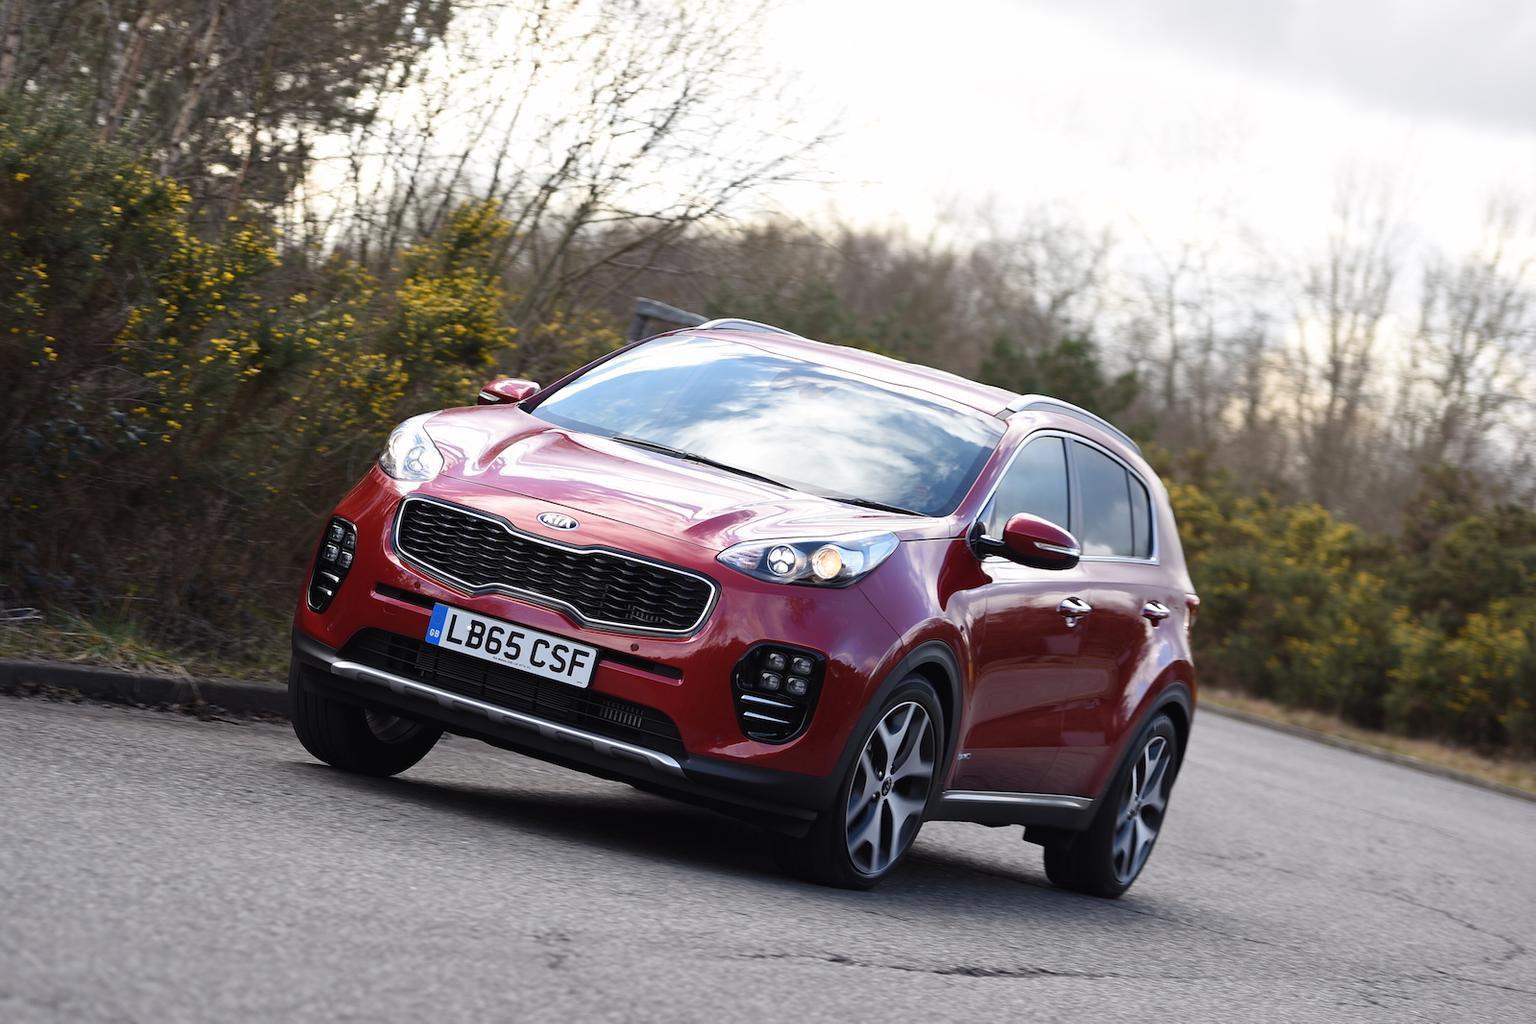 2016 Kia Sportage 1.6 T-GDI review